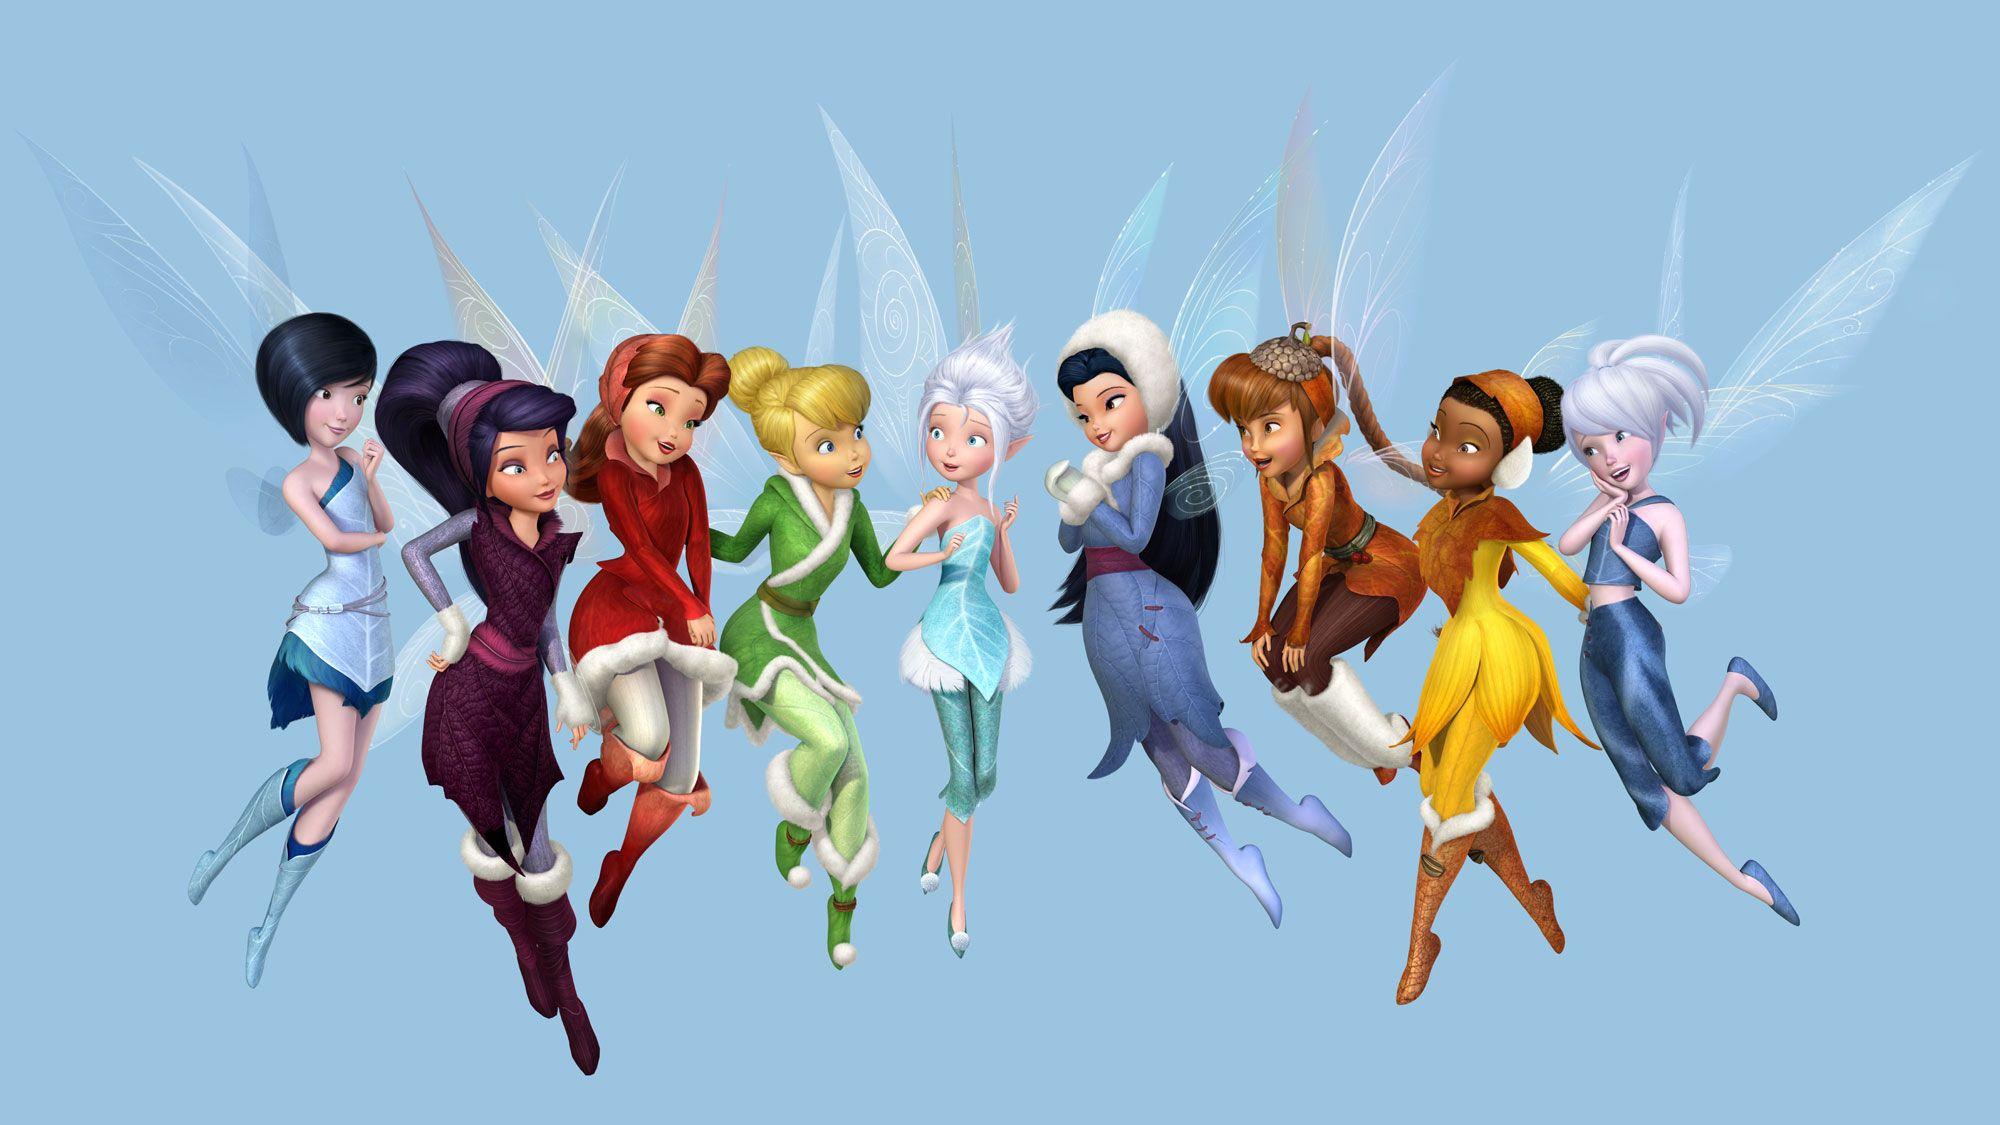 Fee clochette clochette et le secret des f es entour e de ses amies iridessa roselia o - Image de violetta et ses amies ...